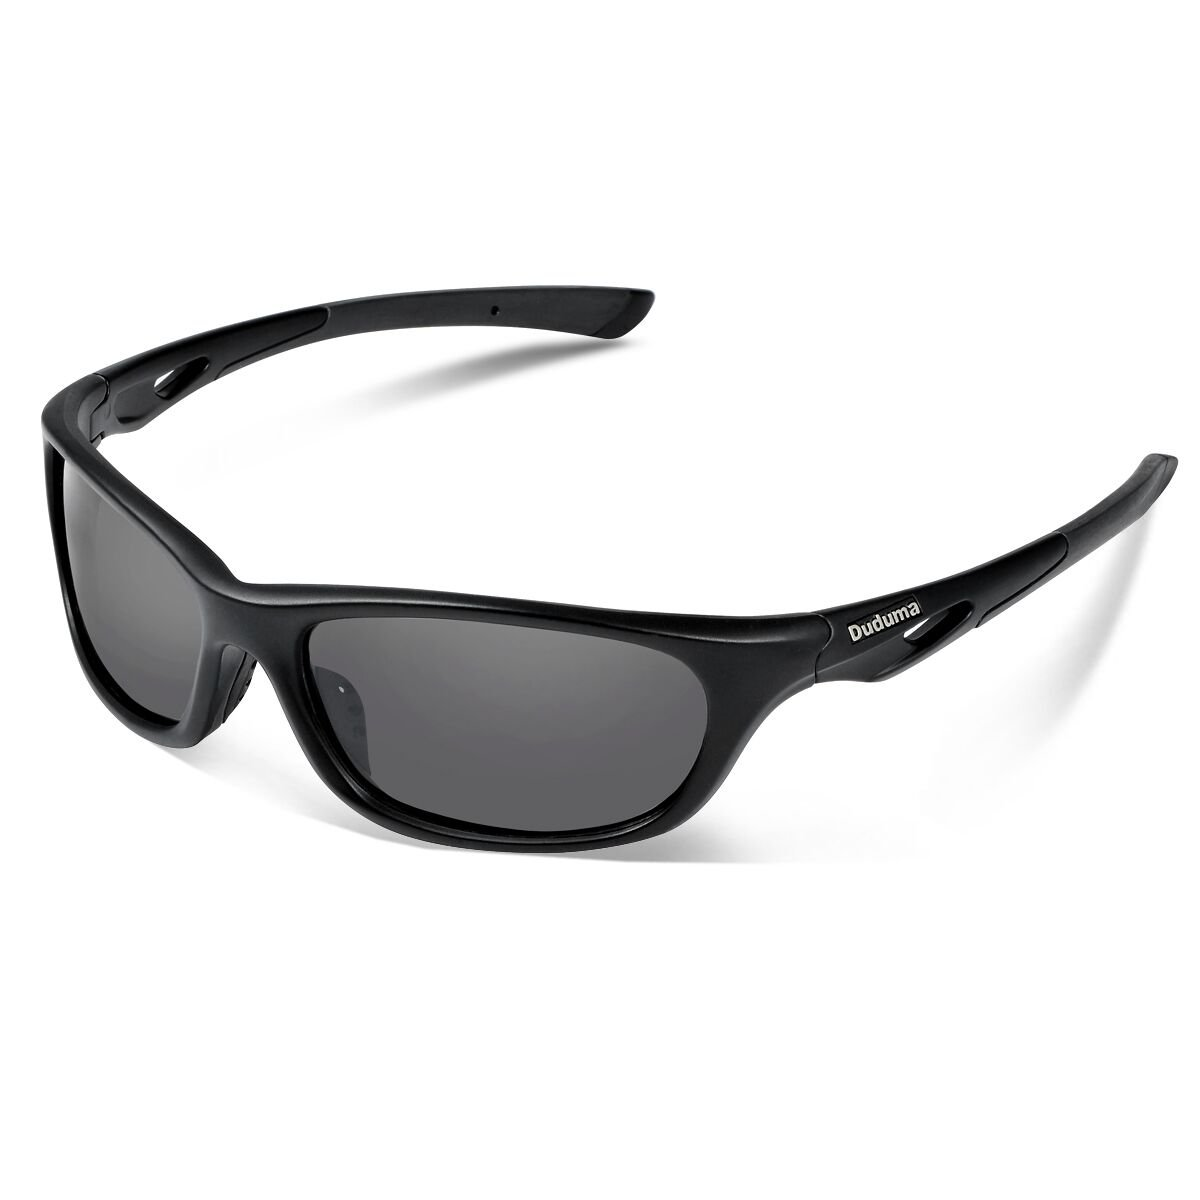 Duduma Polarized Sunglasses